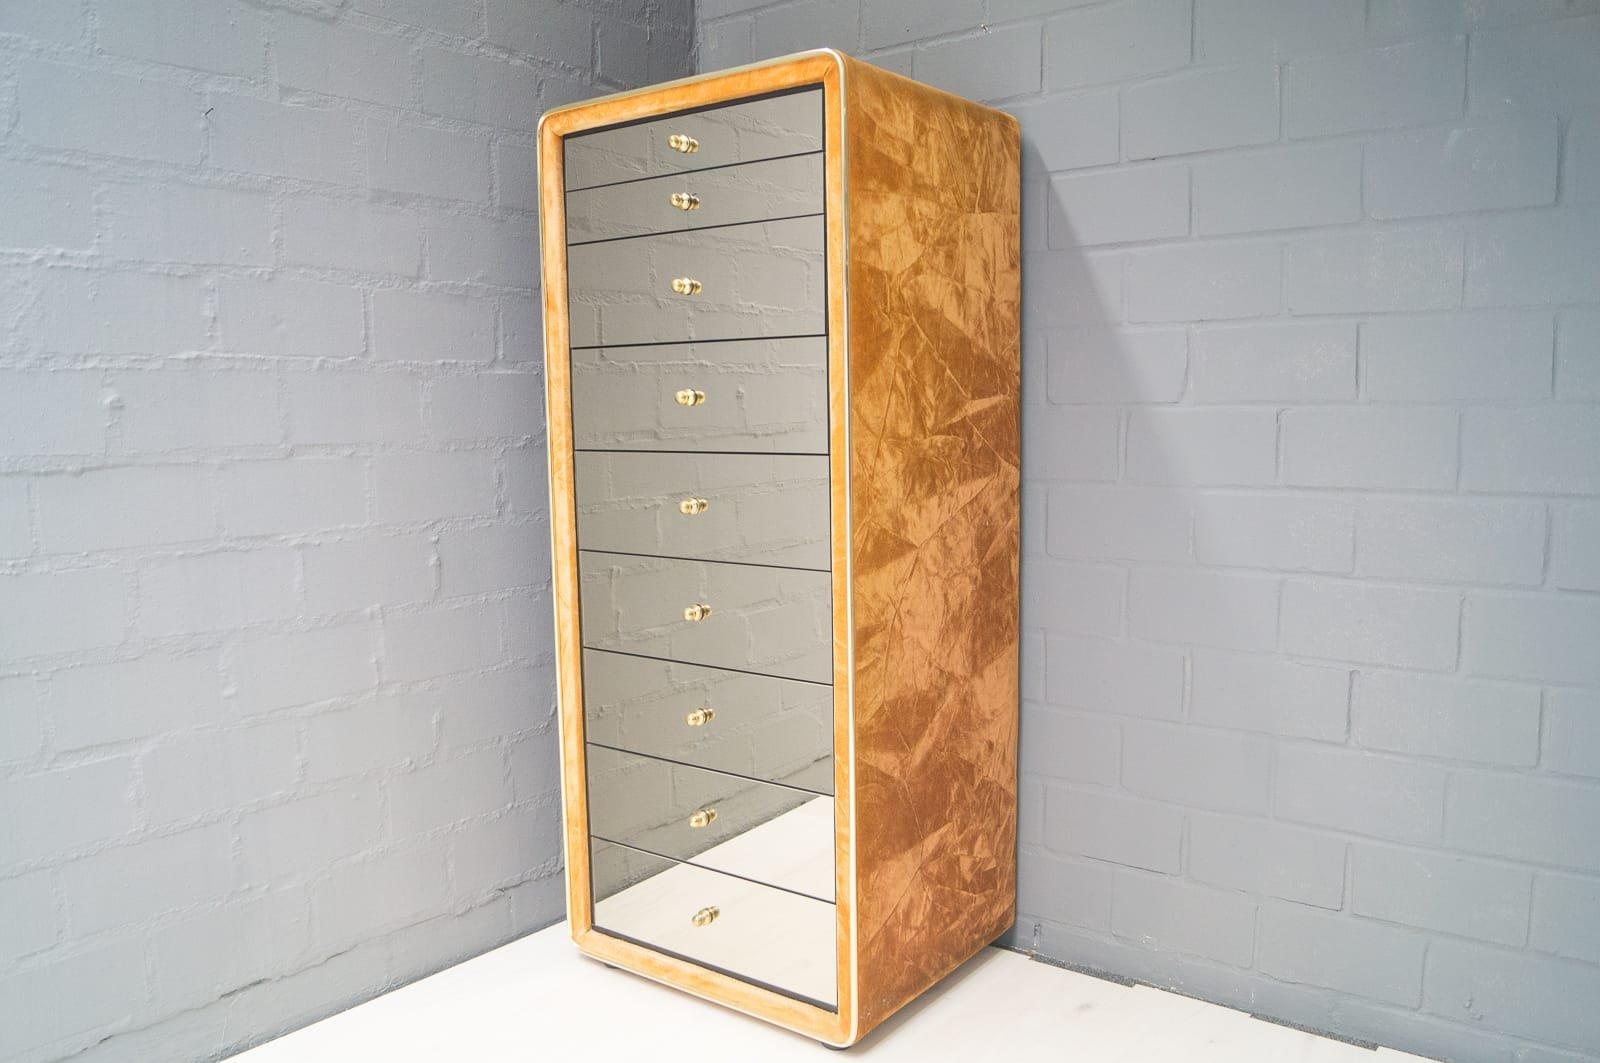 verspiegelte kommode mit acht schubladen von ruf. Black Bedroom Furniture Sets. Home Design Ideas